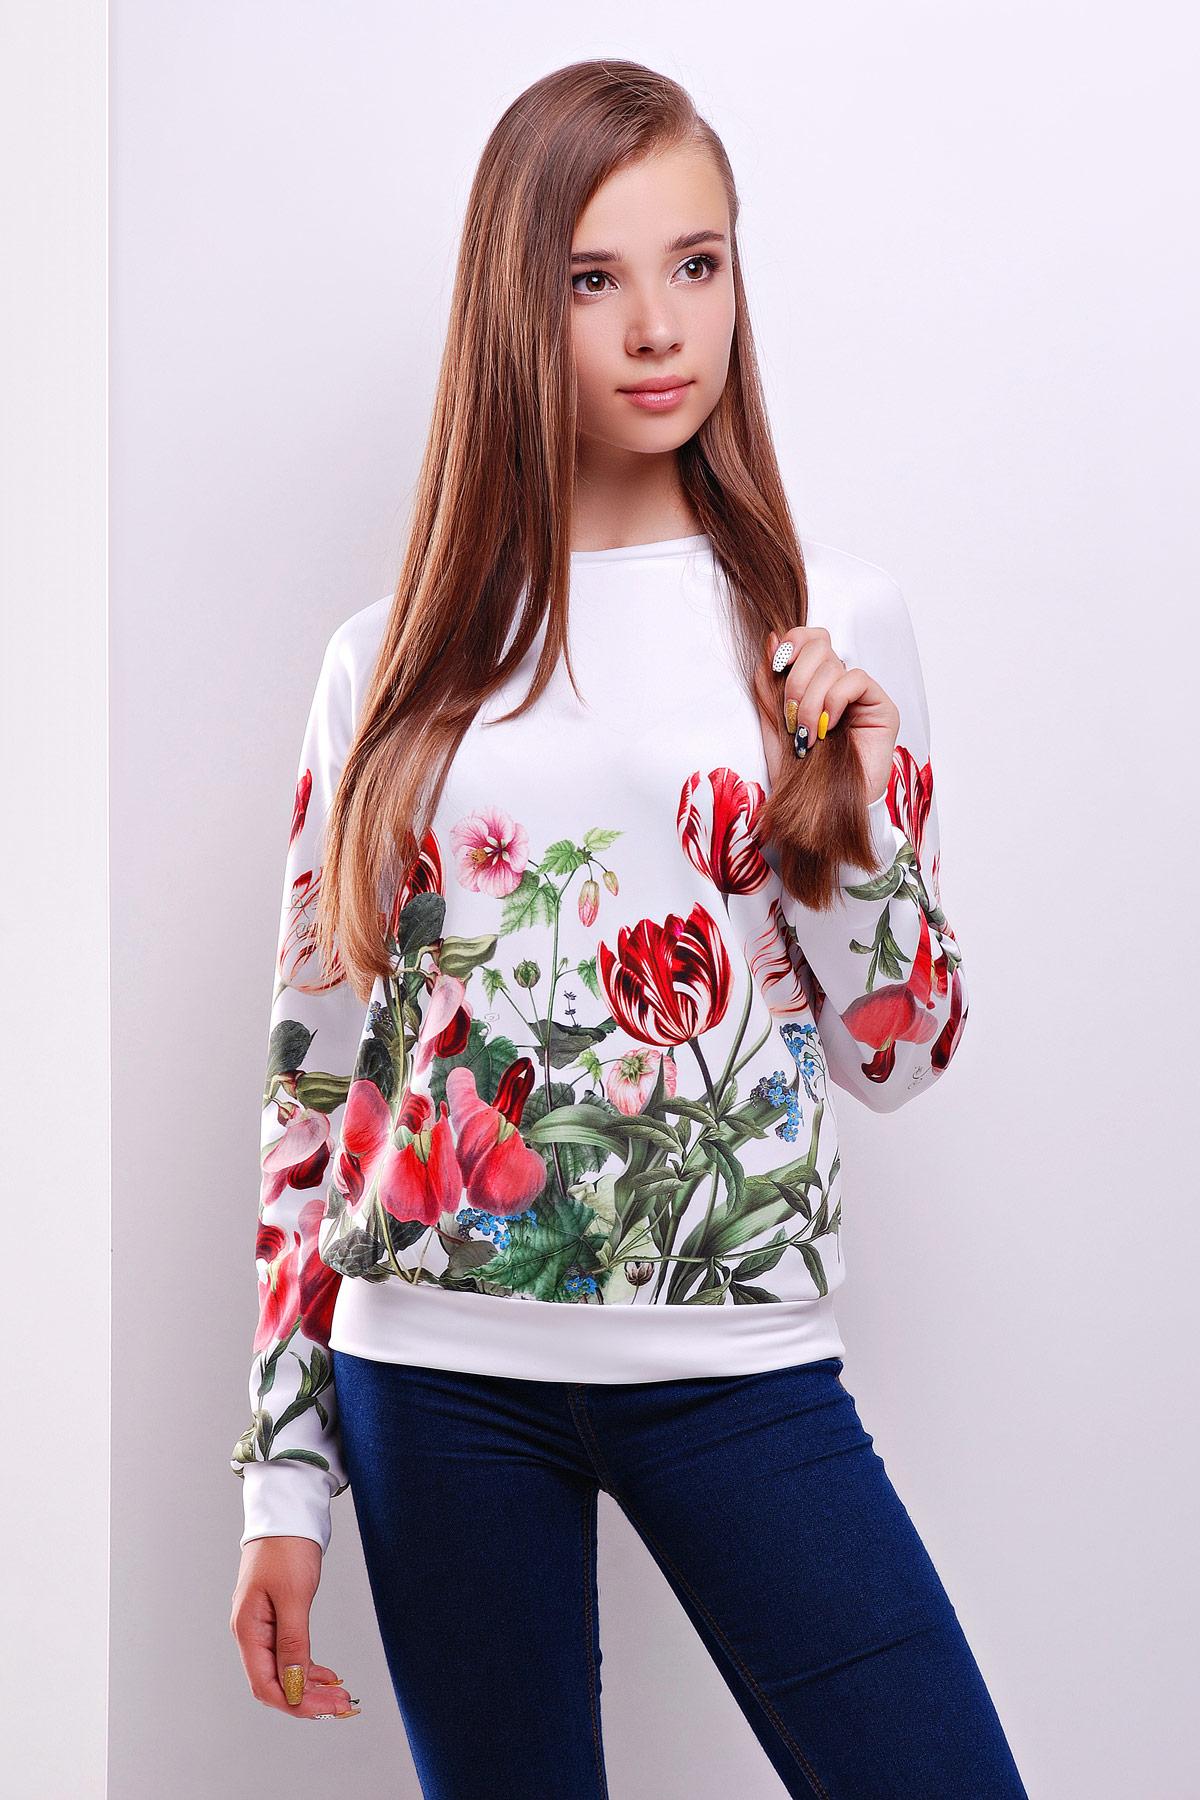 97fec57e9cddd Женский белый свитшот, принтованный тюльпанами. Тюльпан кофта Свитшот  Реглан1 (весна) д/